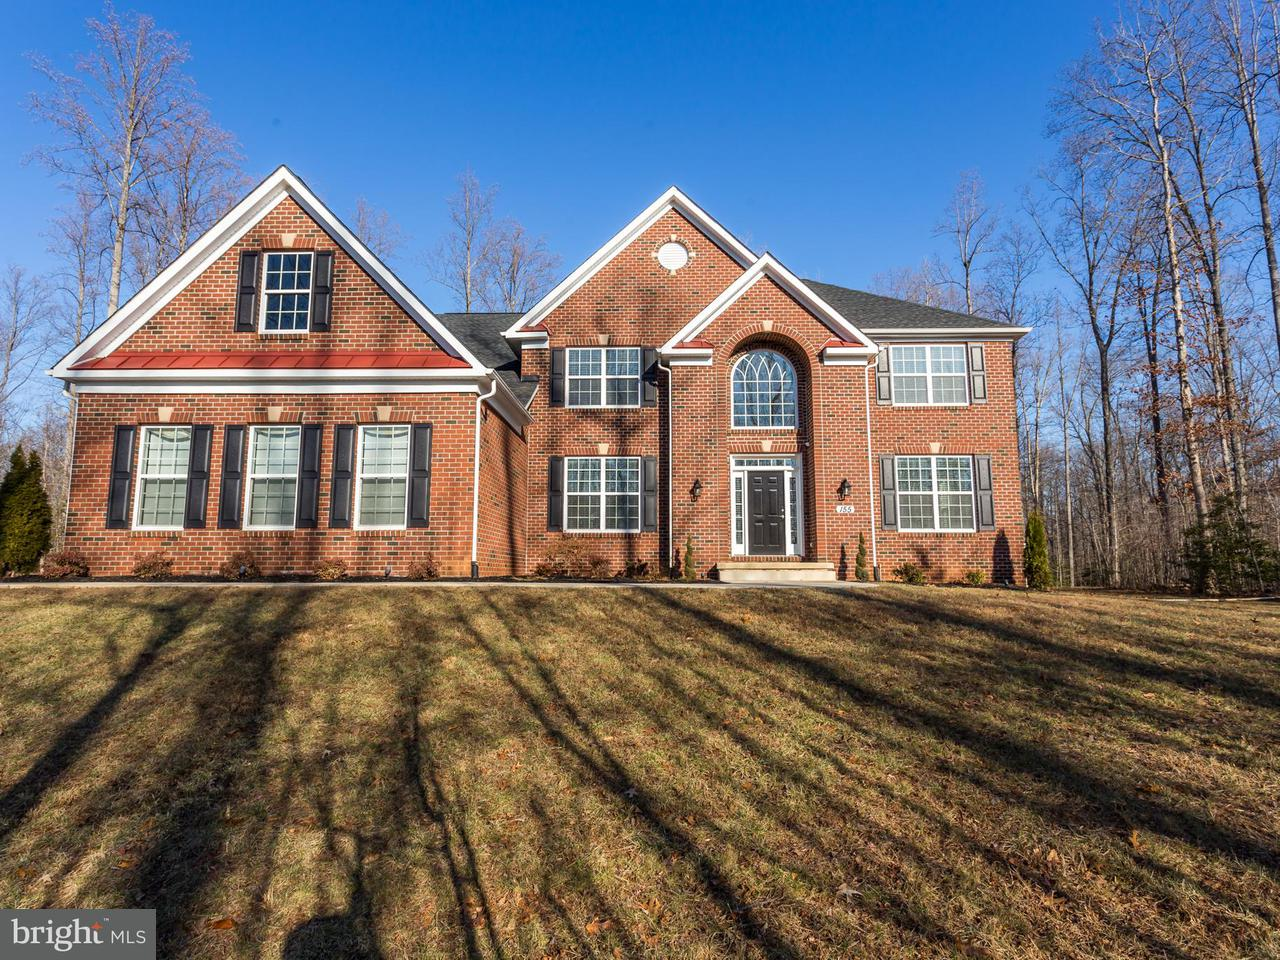 Casa Unifamiliar por un Venta en 155 Donovan Lane 155 Donovan Lane Stafford, Virginia 22556 Estados Unidos